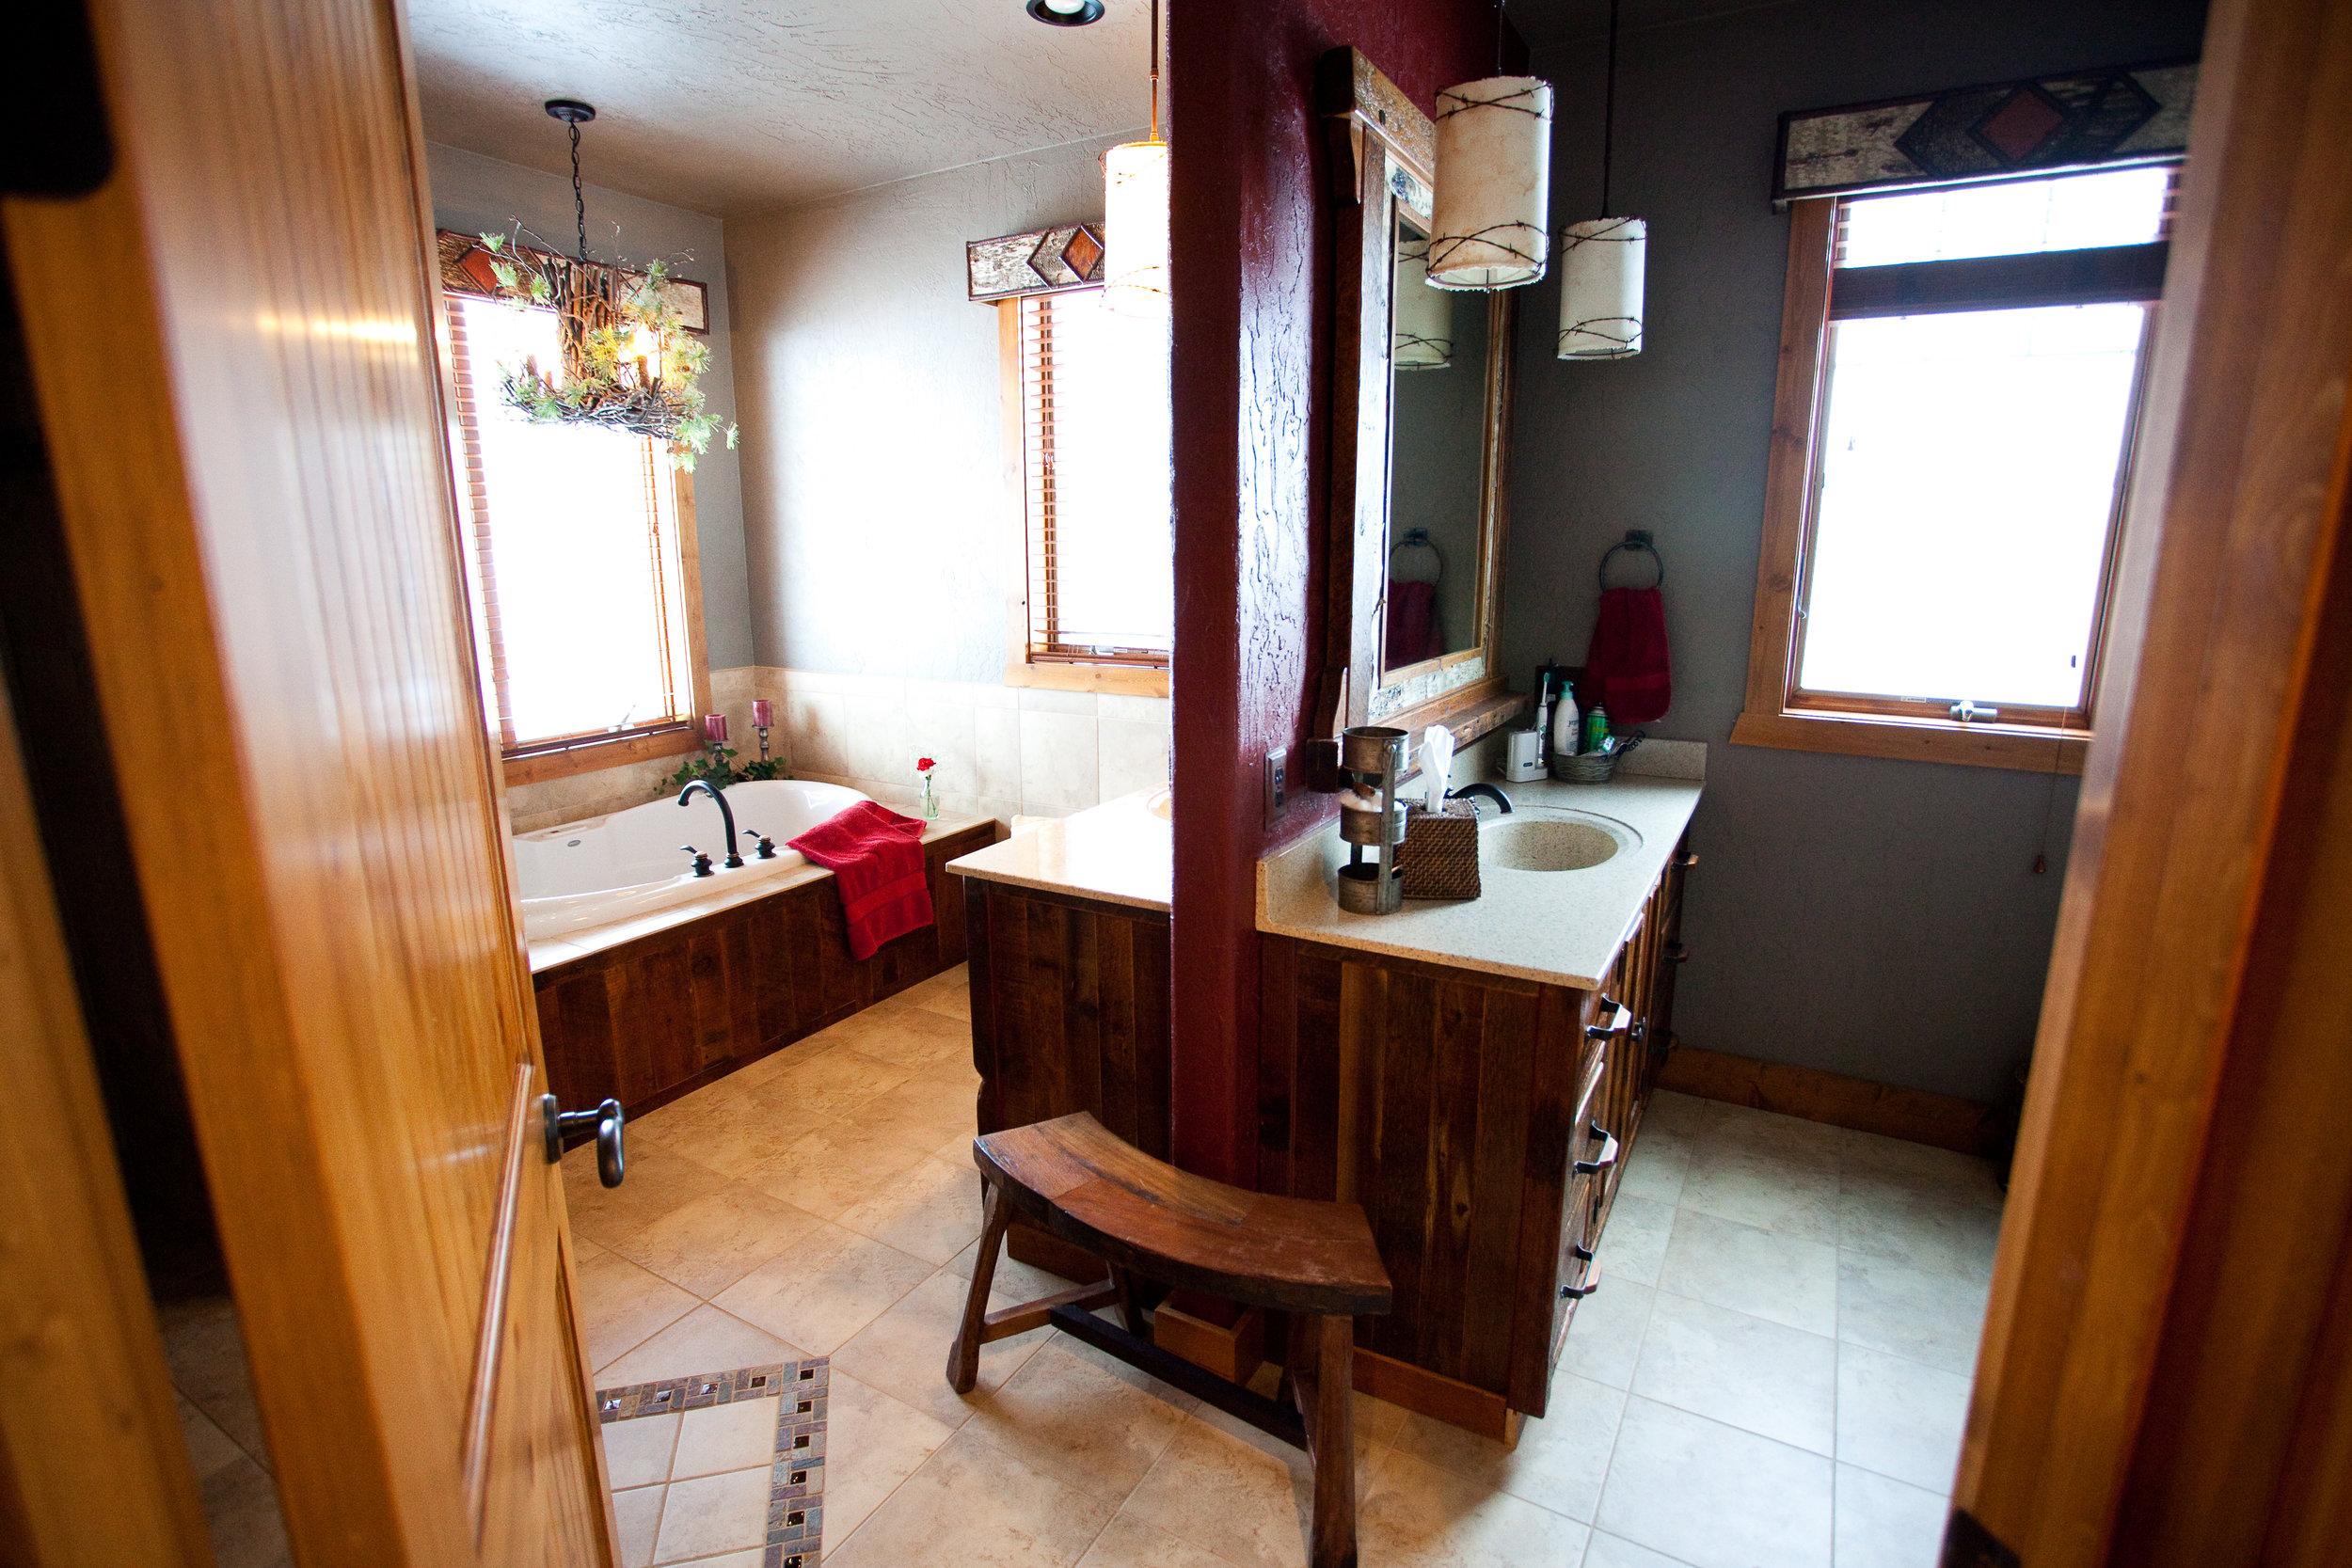 Palenske-Bathroom (1).jpg